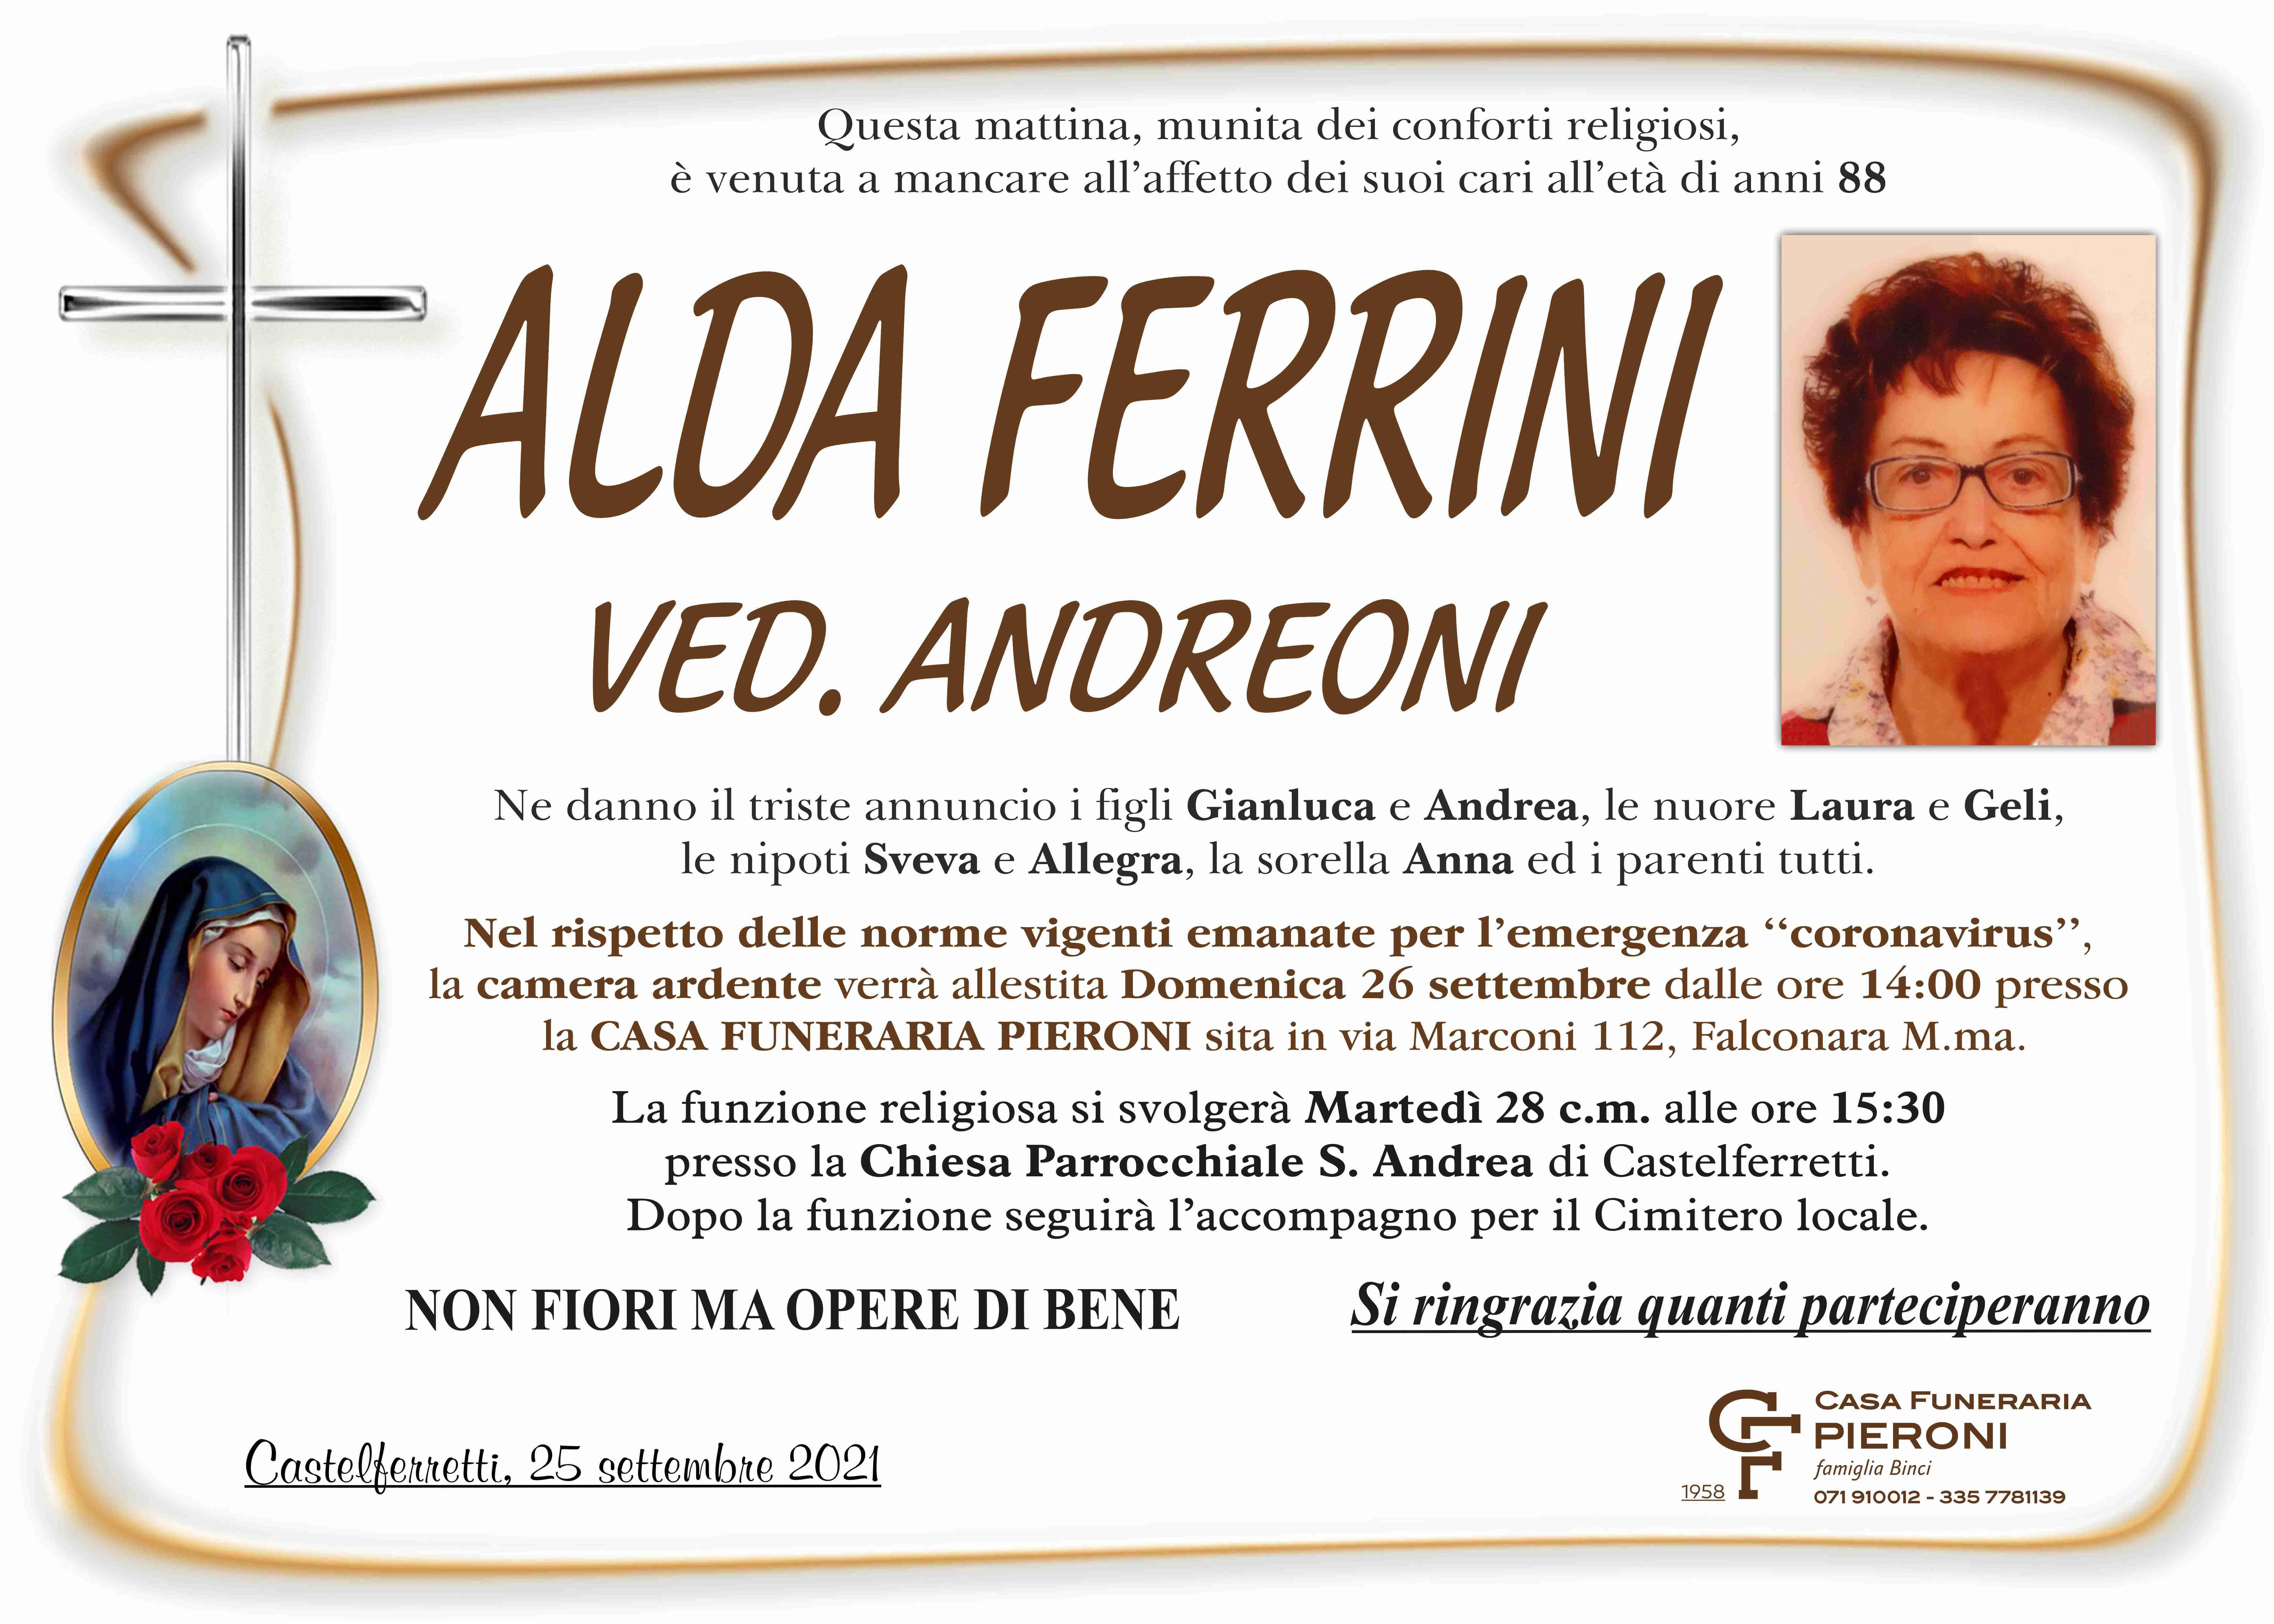 Alda Ferrini